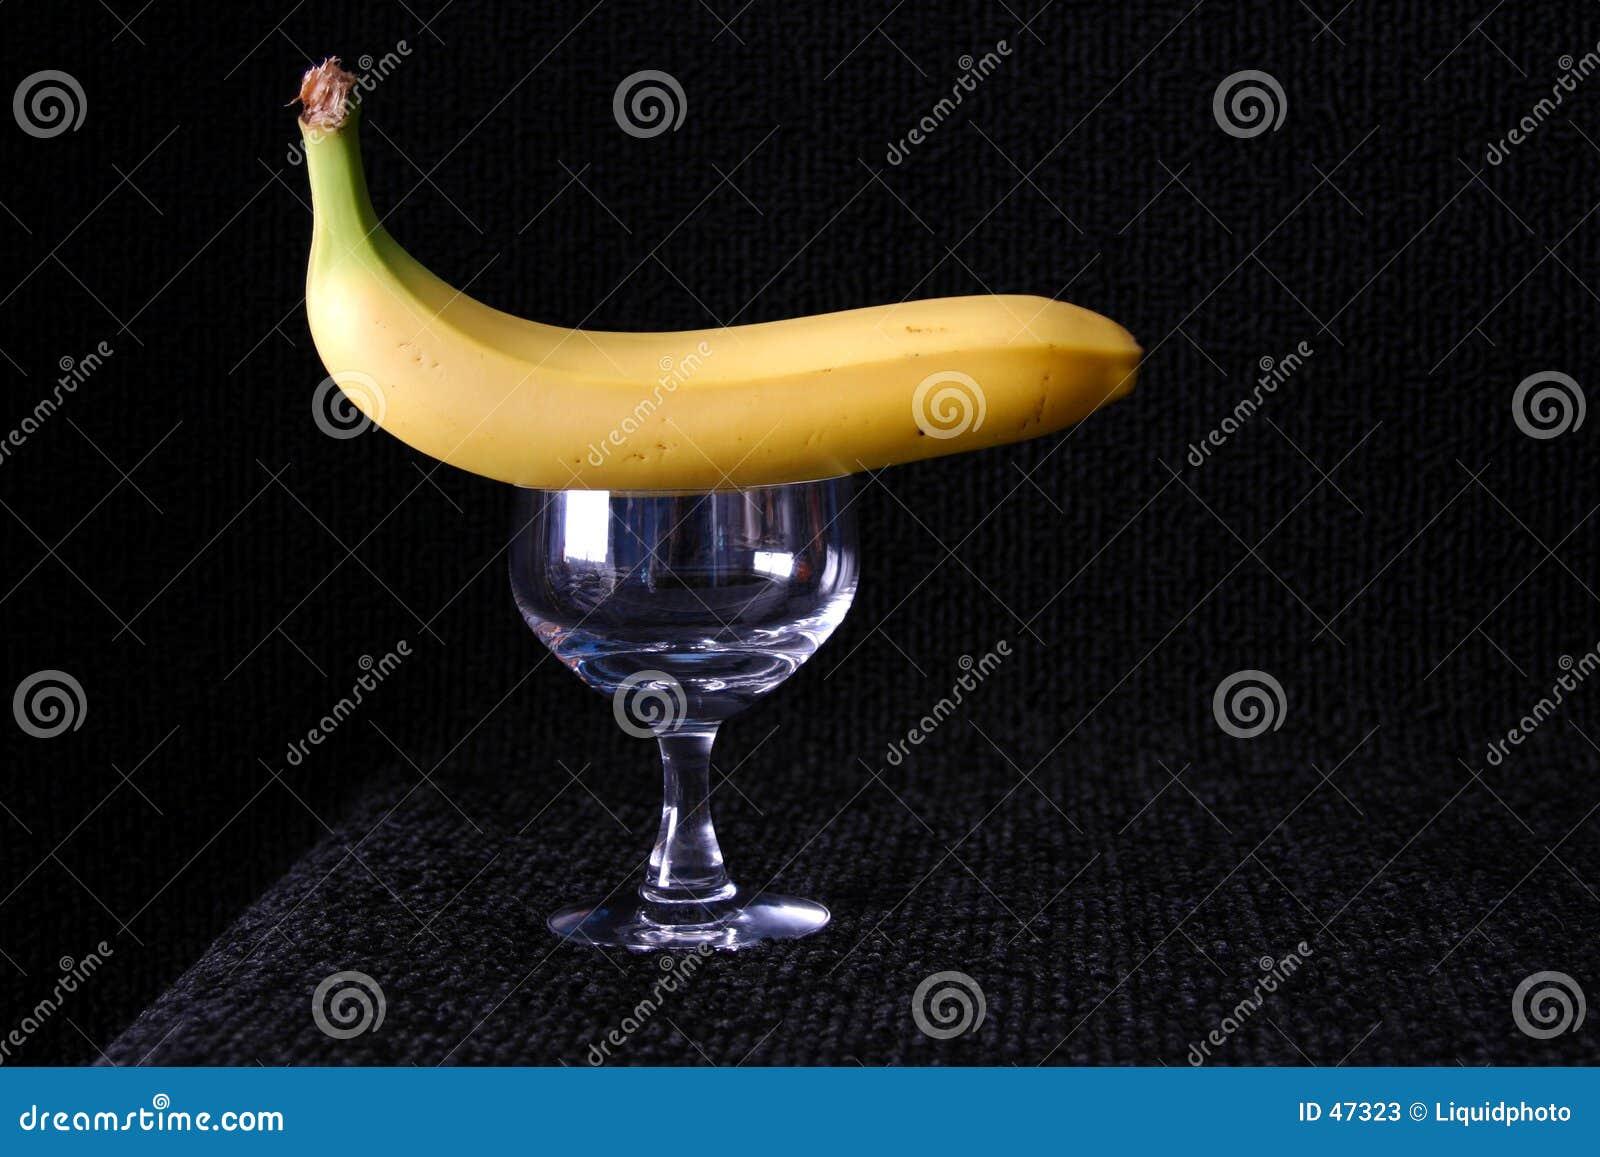 Banane auf die Oberseite